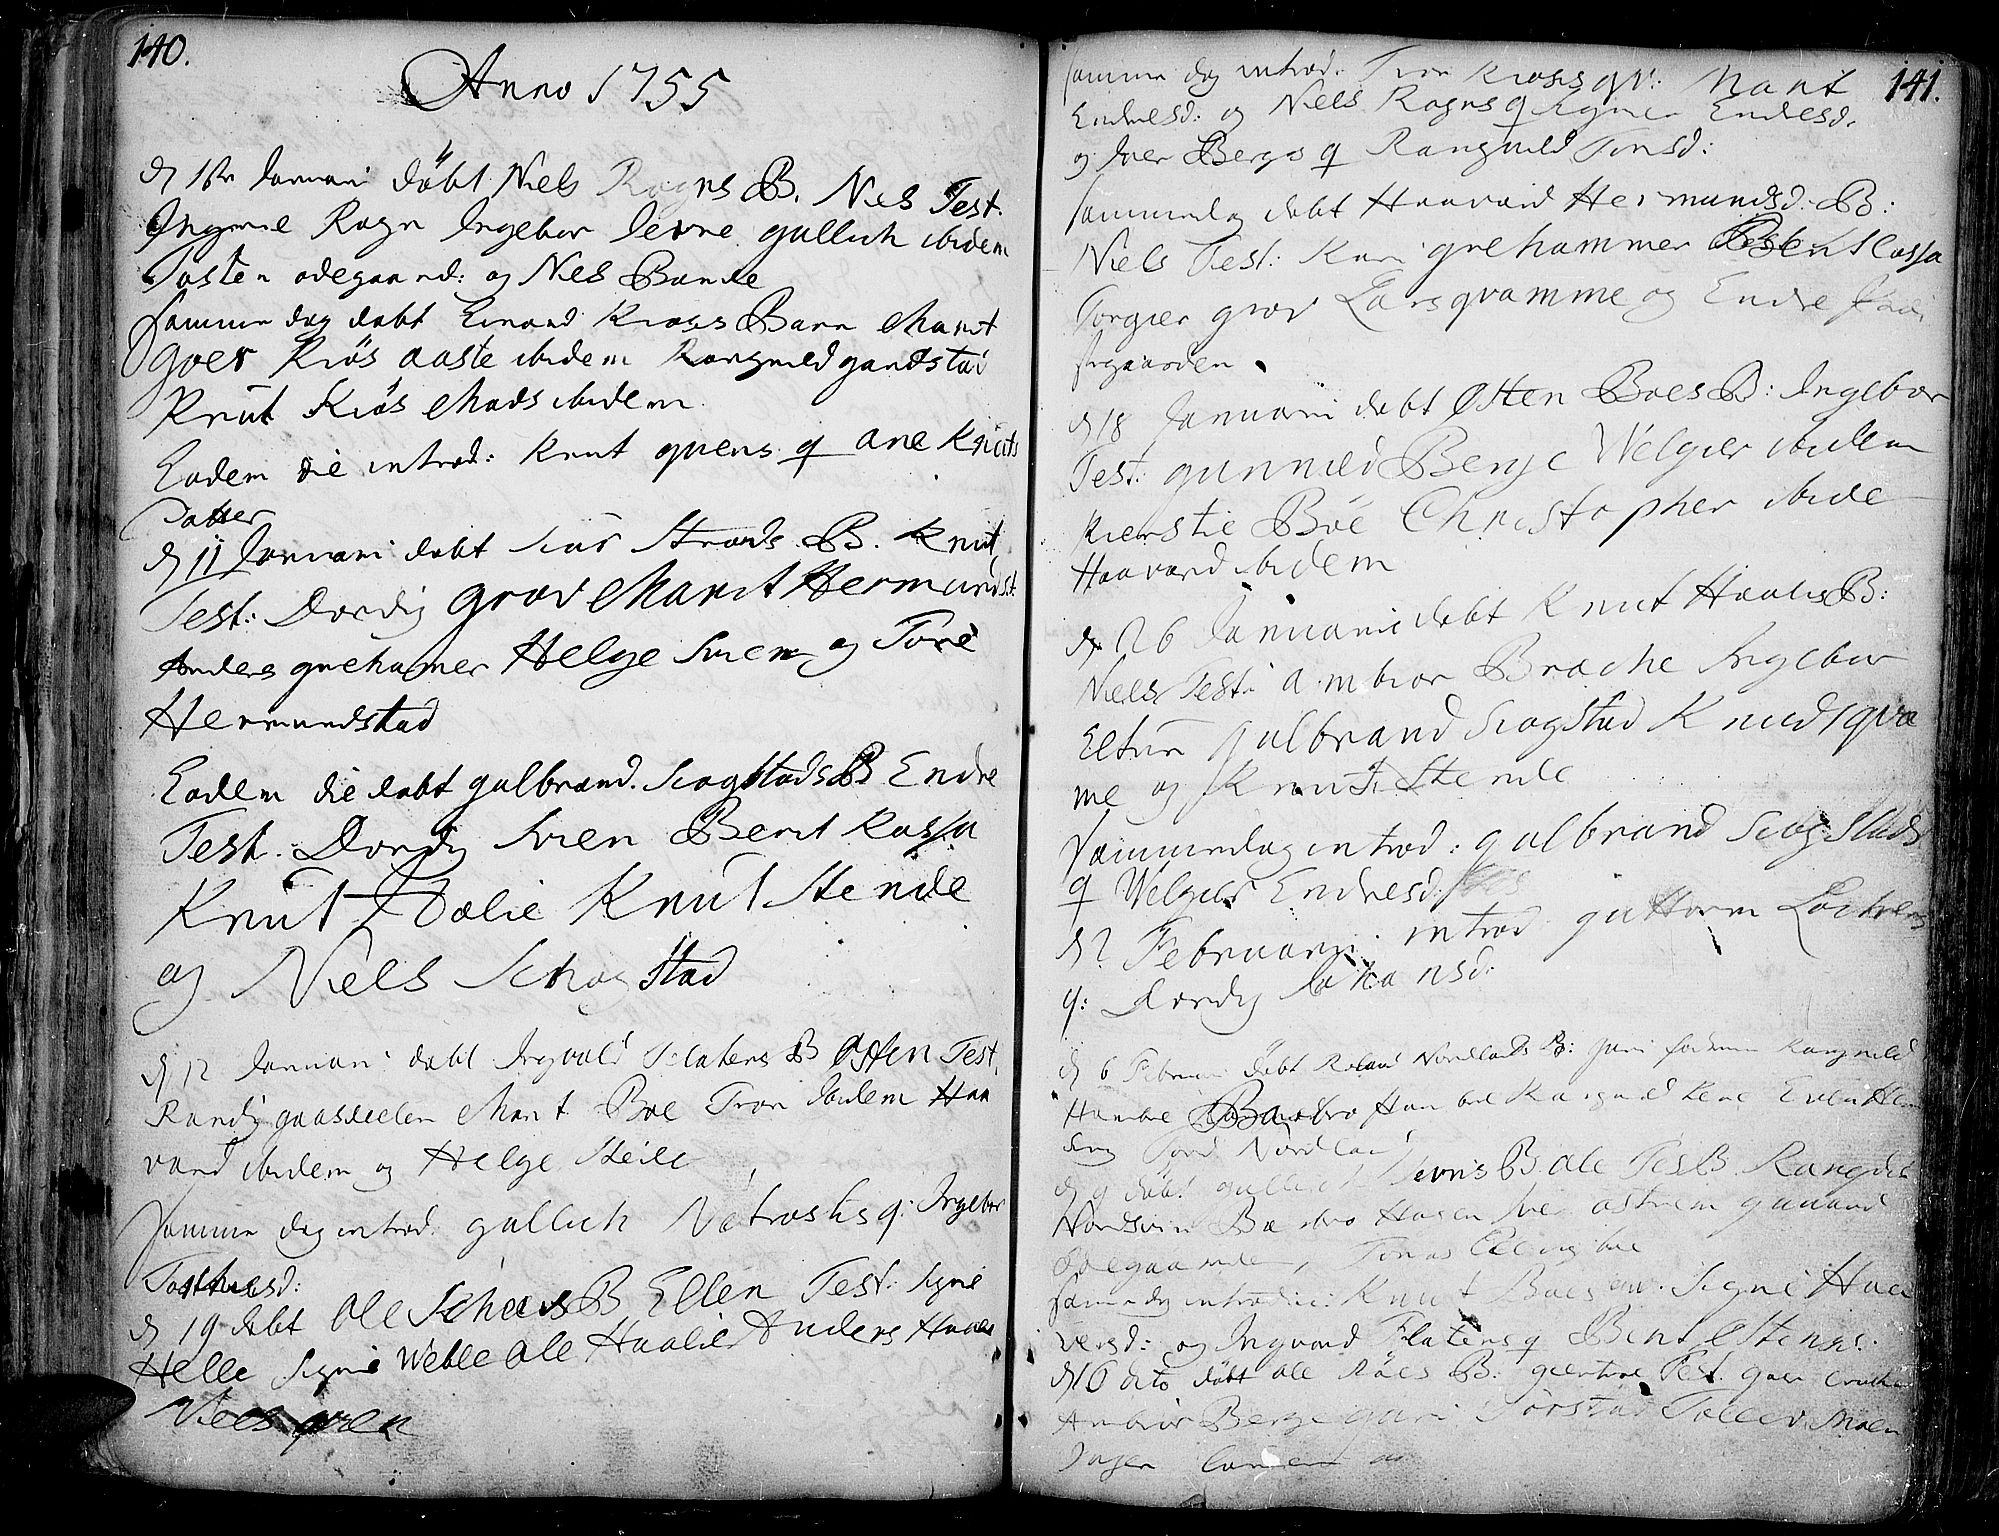 SAH, Vang prestekontor, Valdres, Ministerialbok nr. 1, 1730-1796, s. 140-141